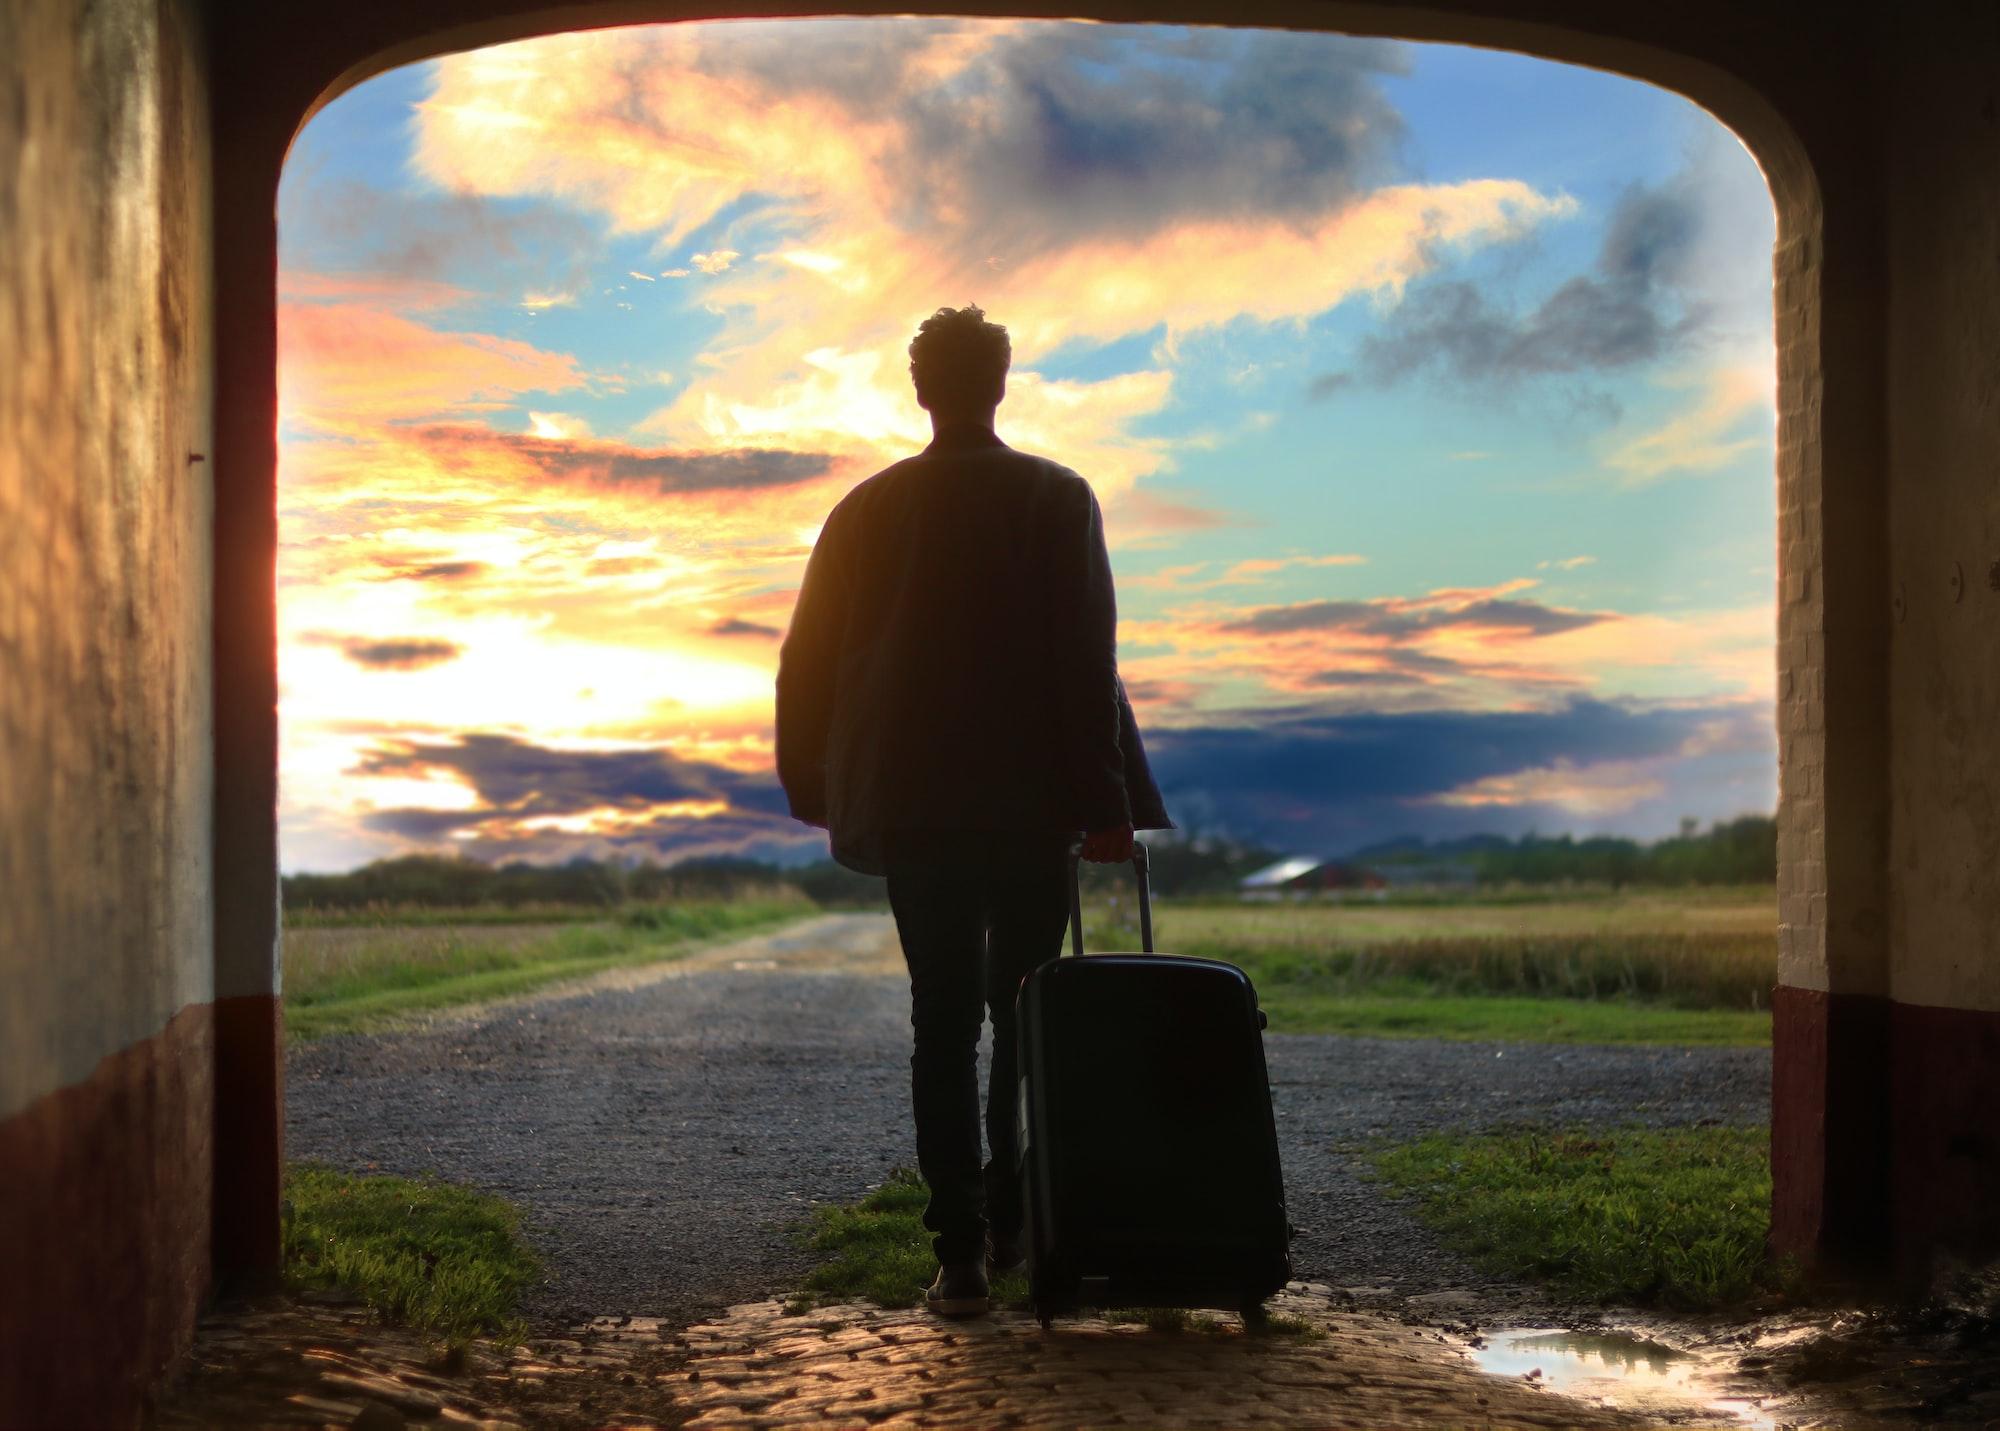 Jak zabránit přenosu koronaviru při cestování letadlem? A je tento druh dopravy s ohledem na přenos koronaviru bezpečný?